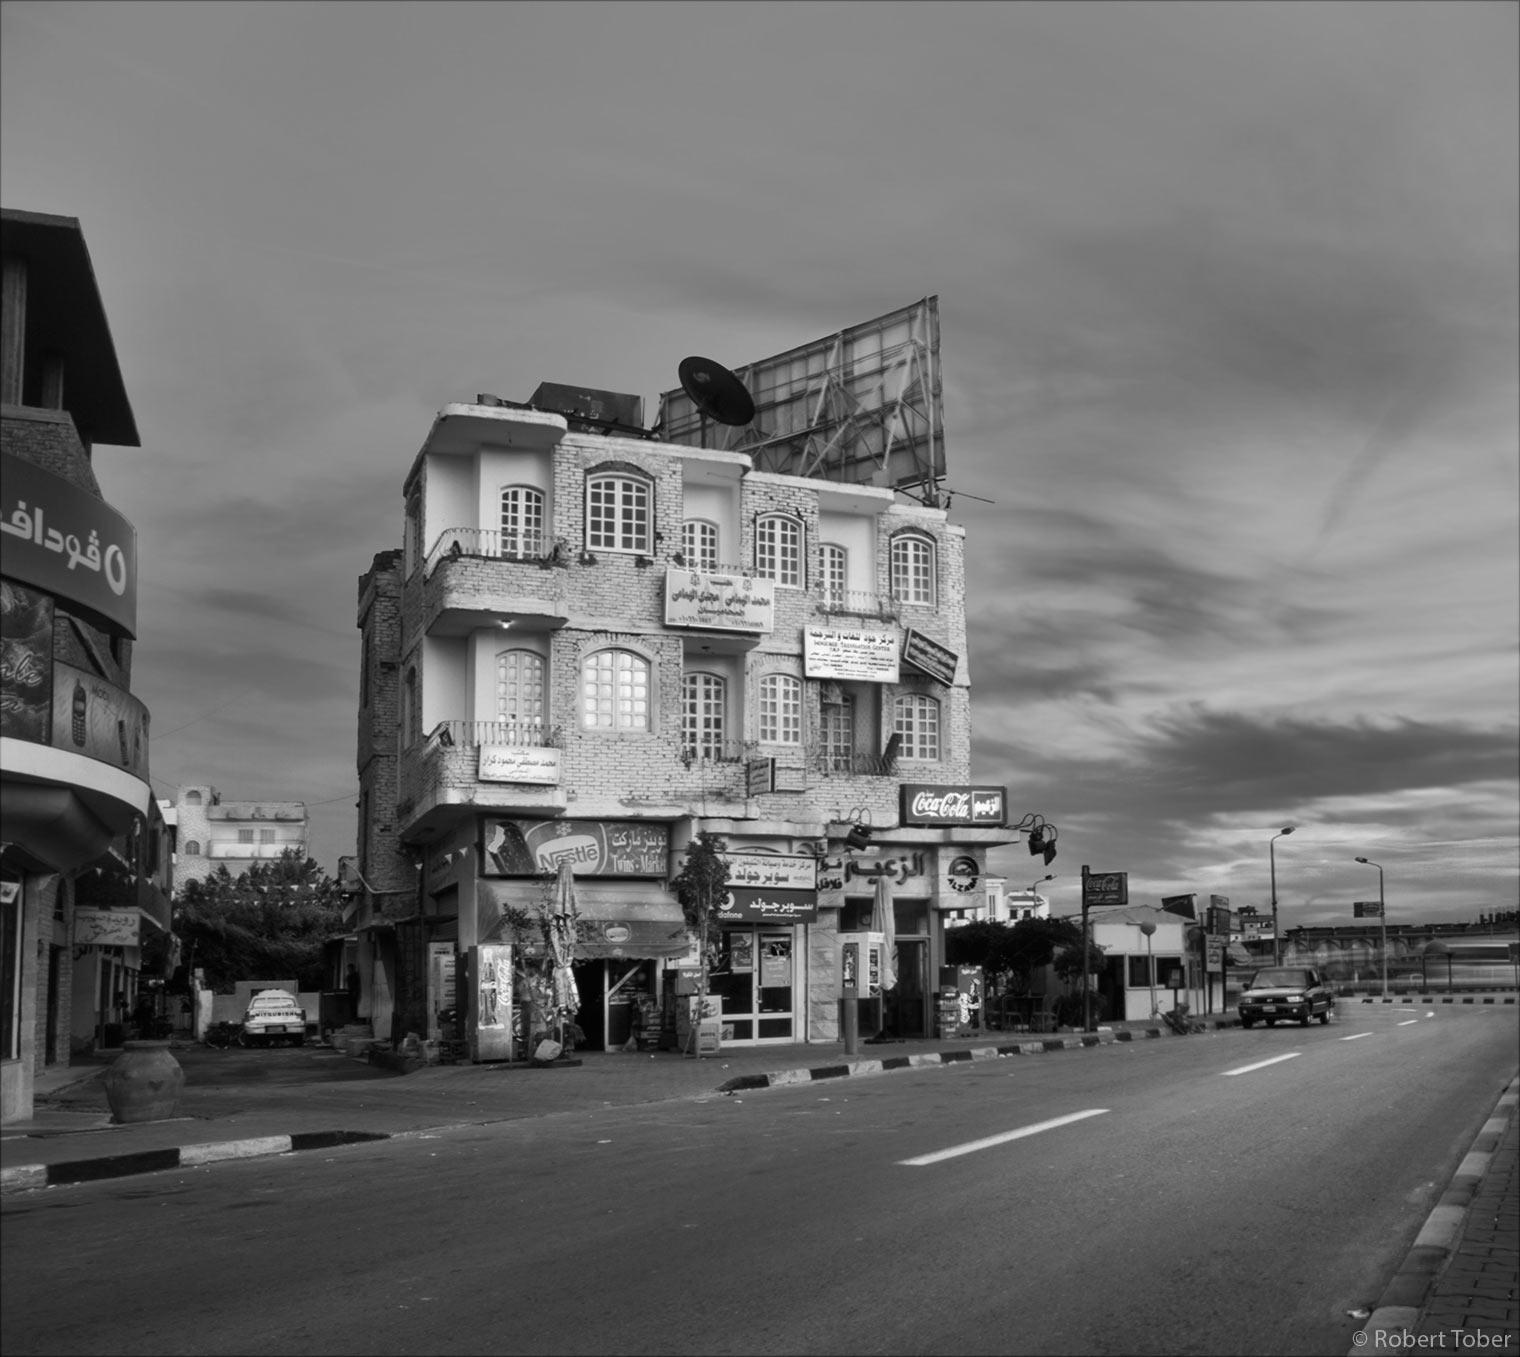 Wohn- und Geschäftshaus in Hurghada, Ägypten · © Robert Tober · www.toro.cc